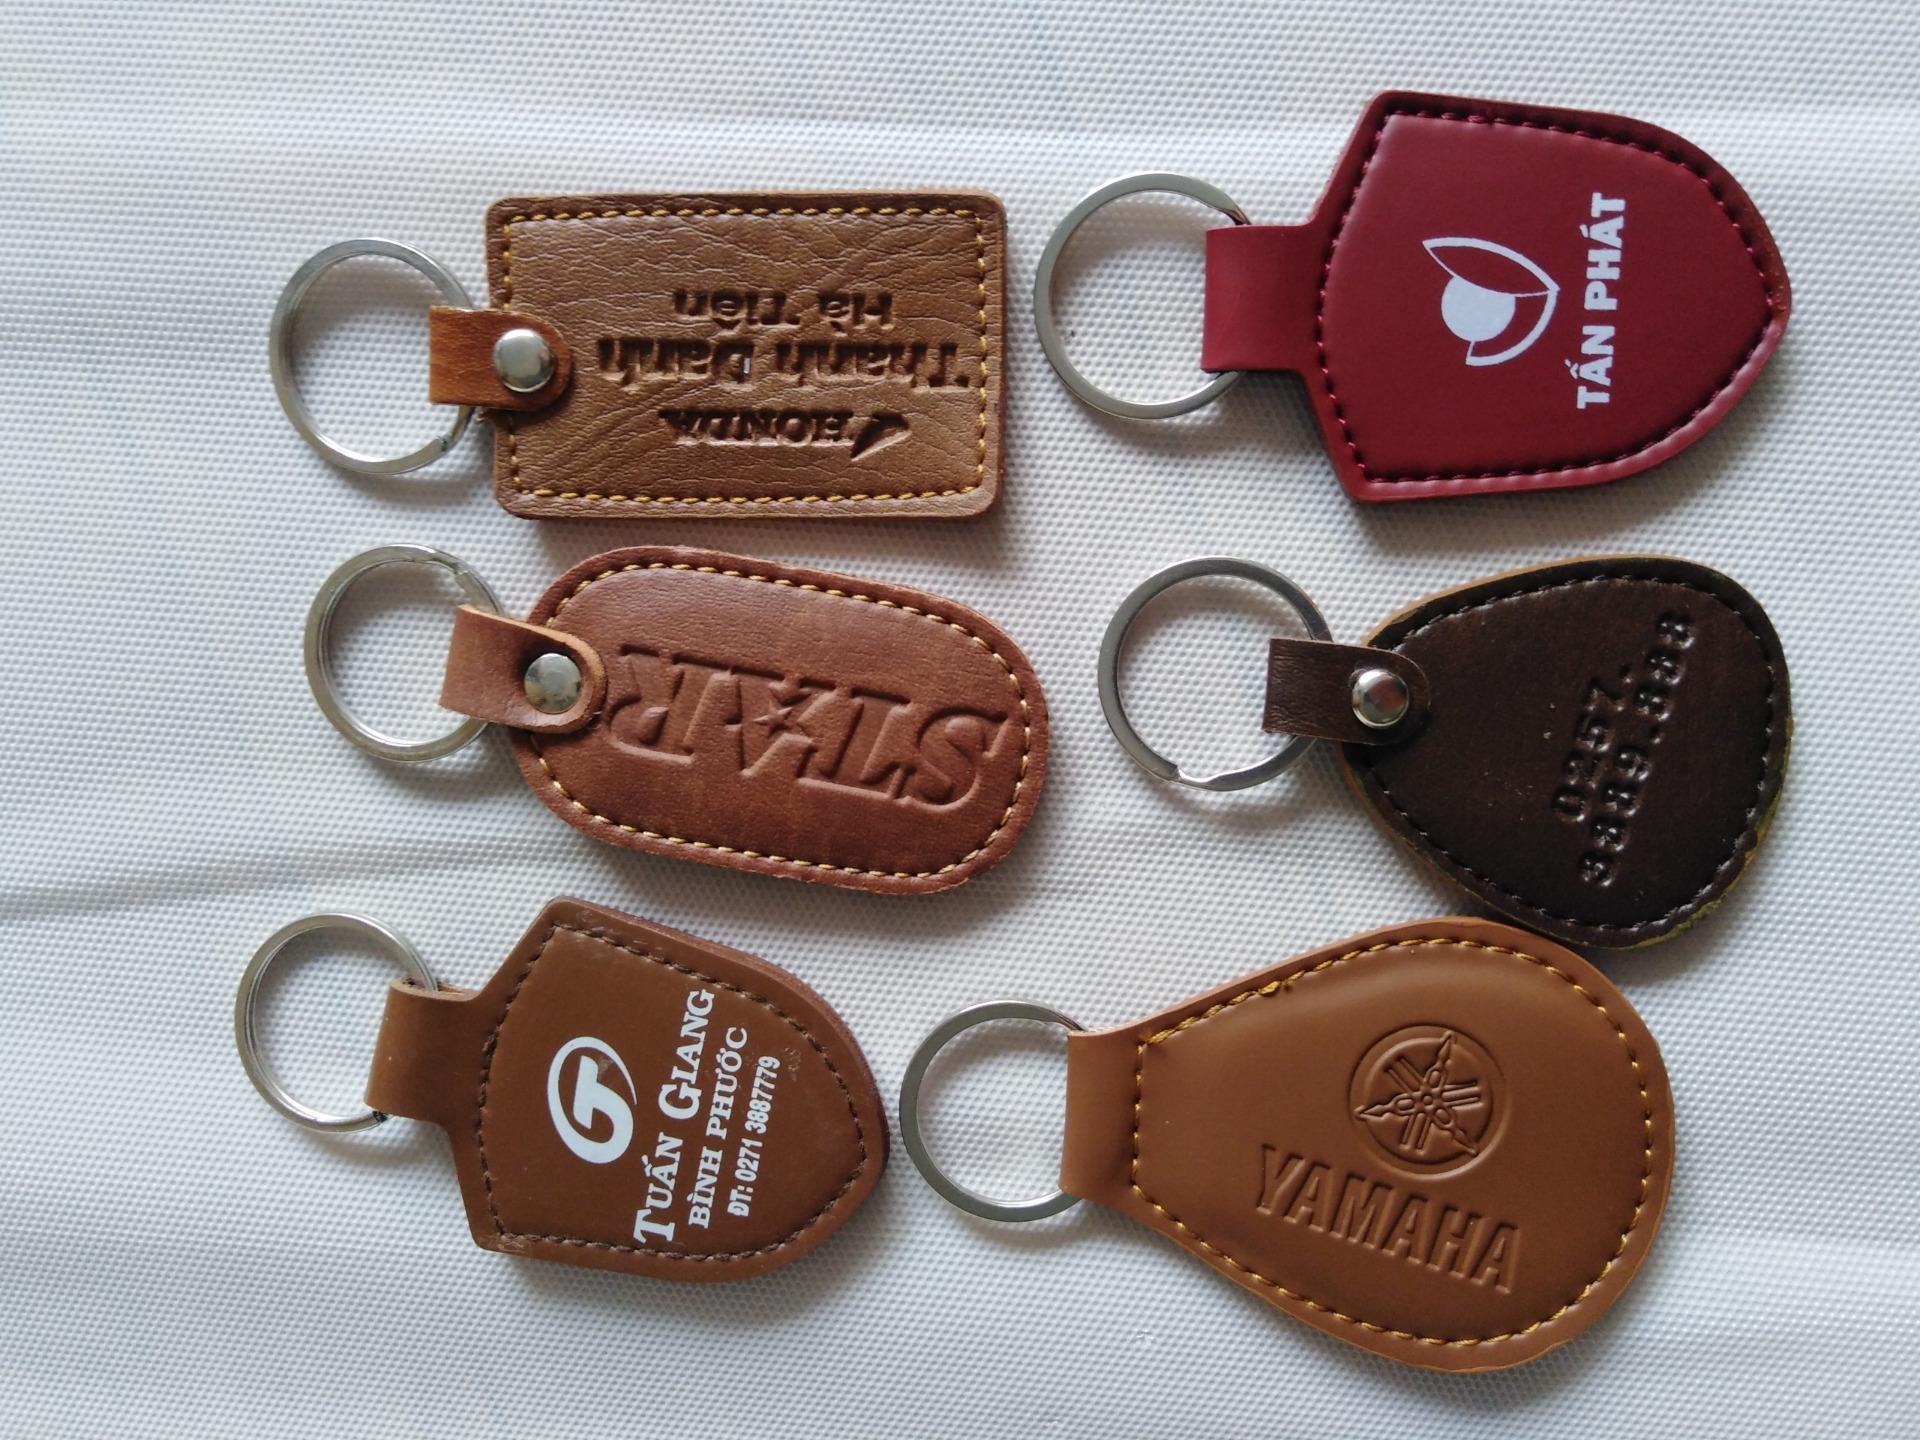 móc khóa nhựa dẻo, đổ keo quà tặng giá sỉ, sản xuất móc khóa theo yêu cầu